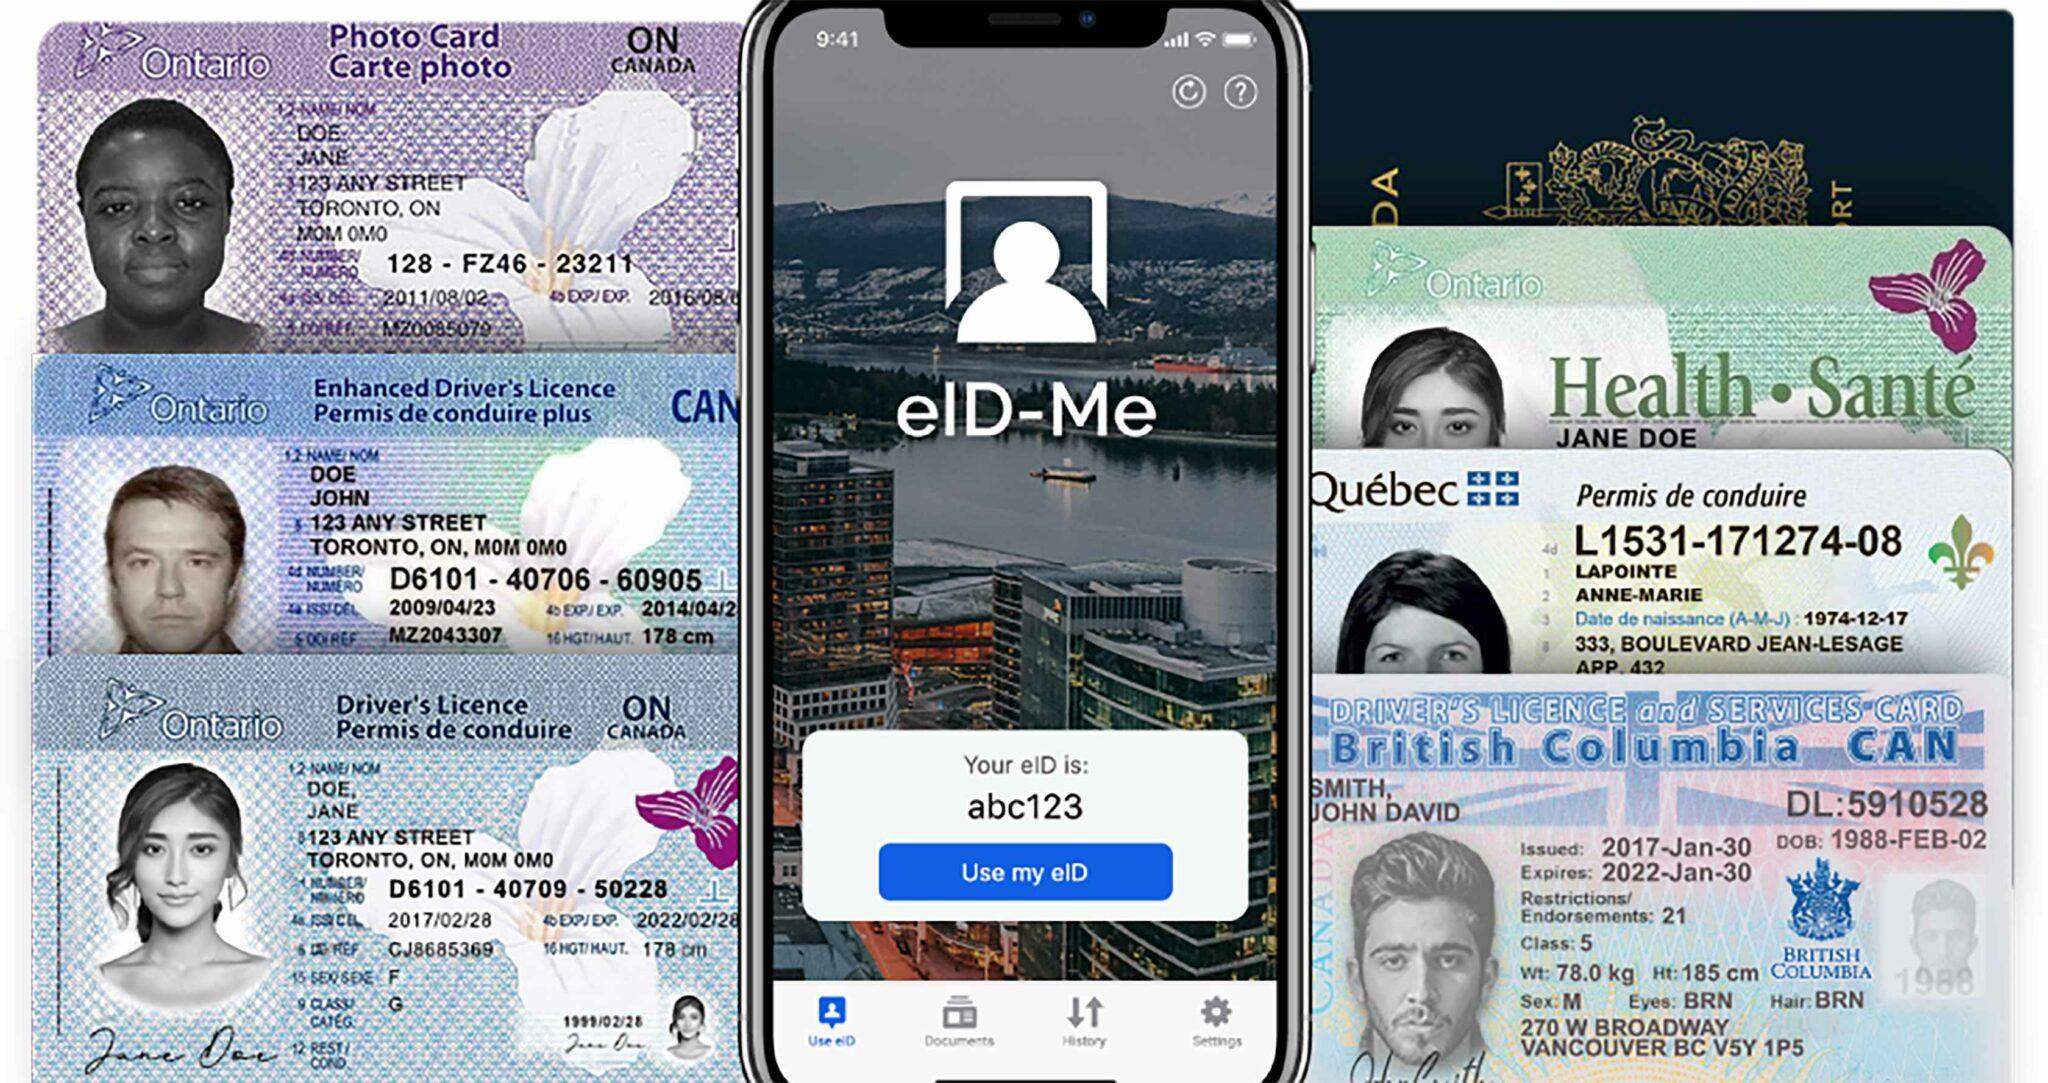 eID-Me digital ID app launches in British Columbia